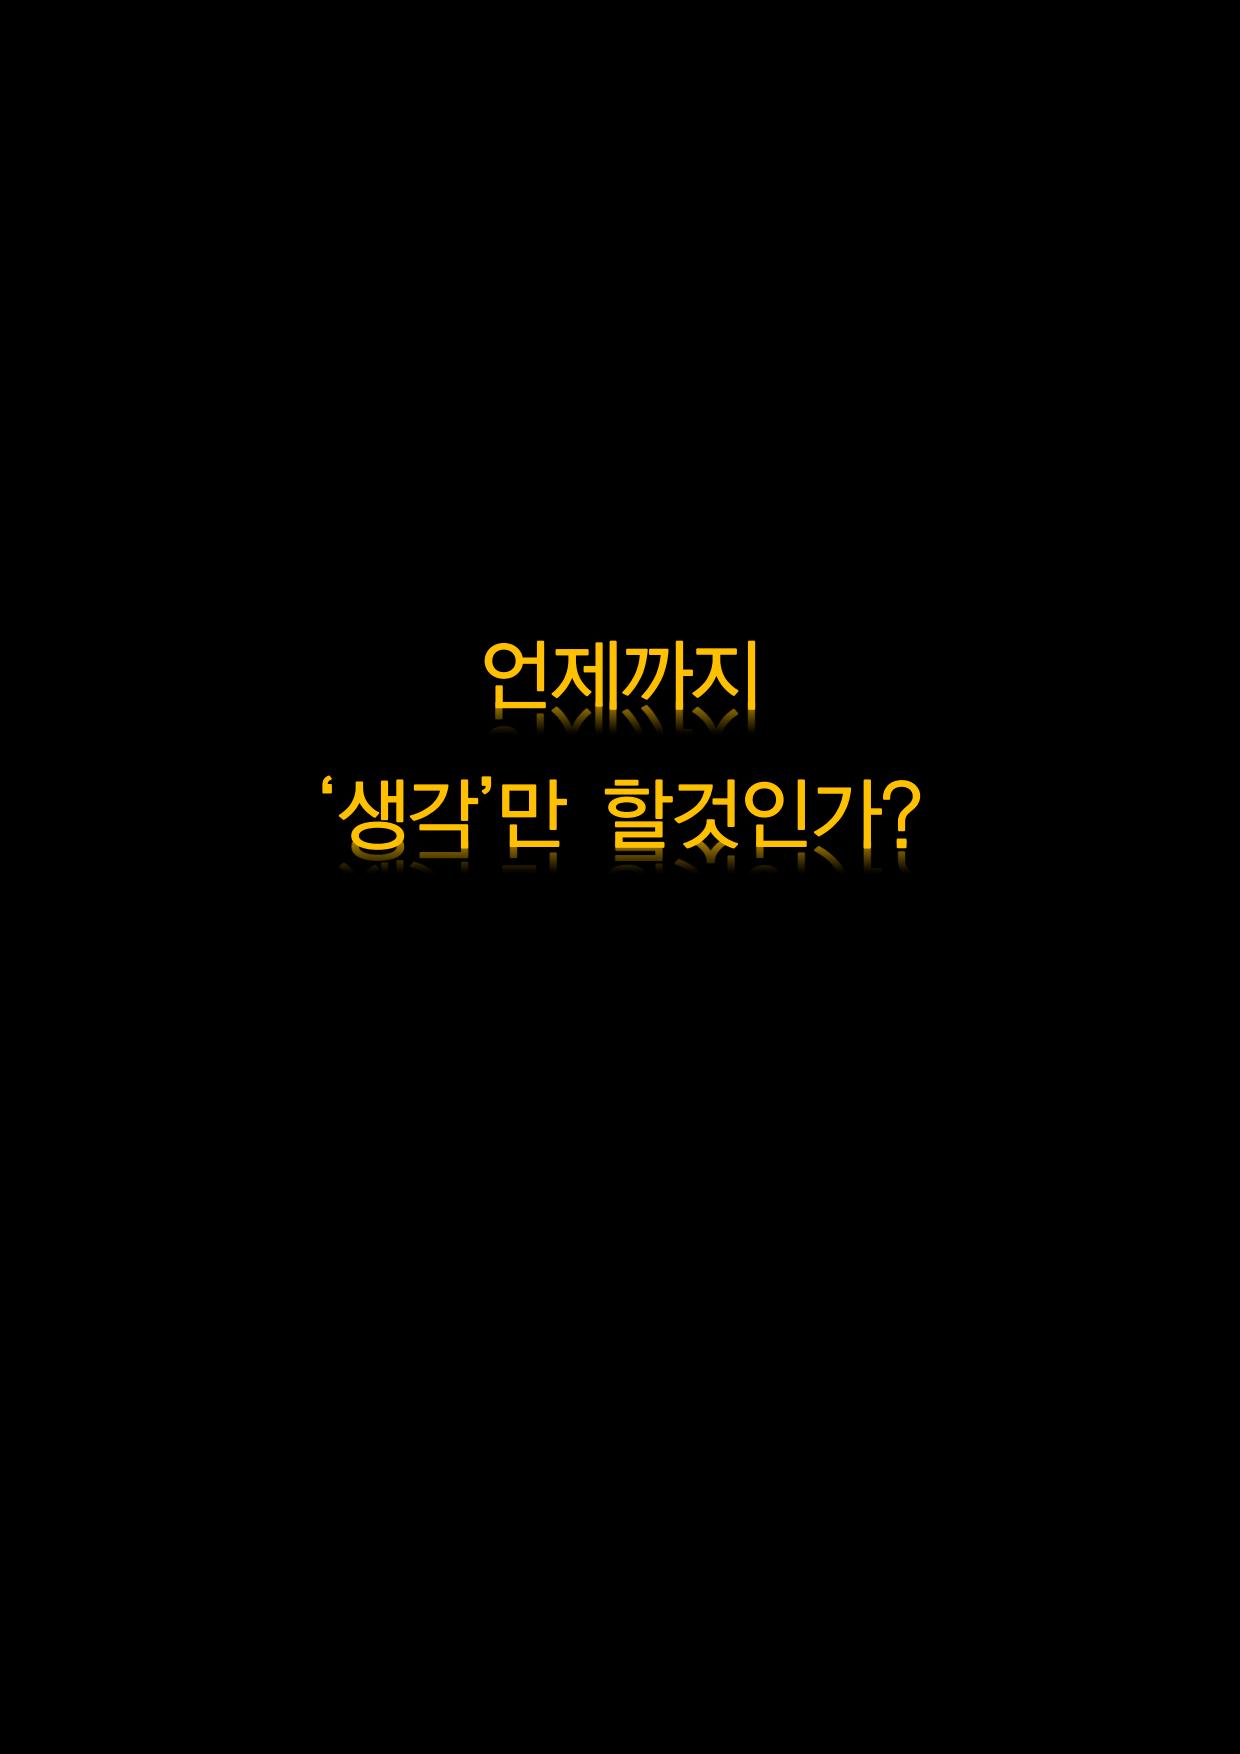 본 머티리어 1회차 홍보글(폰트 포함)_45.png